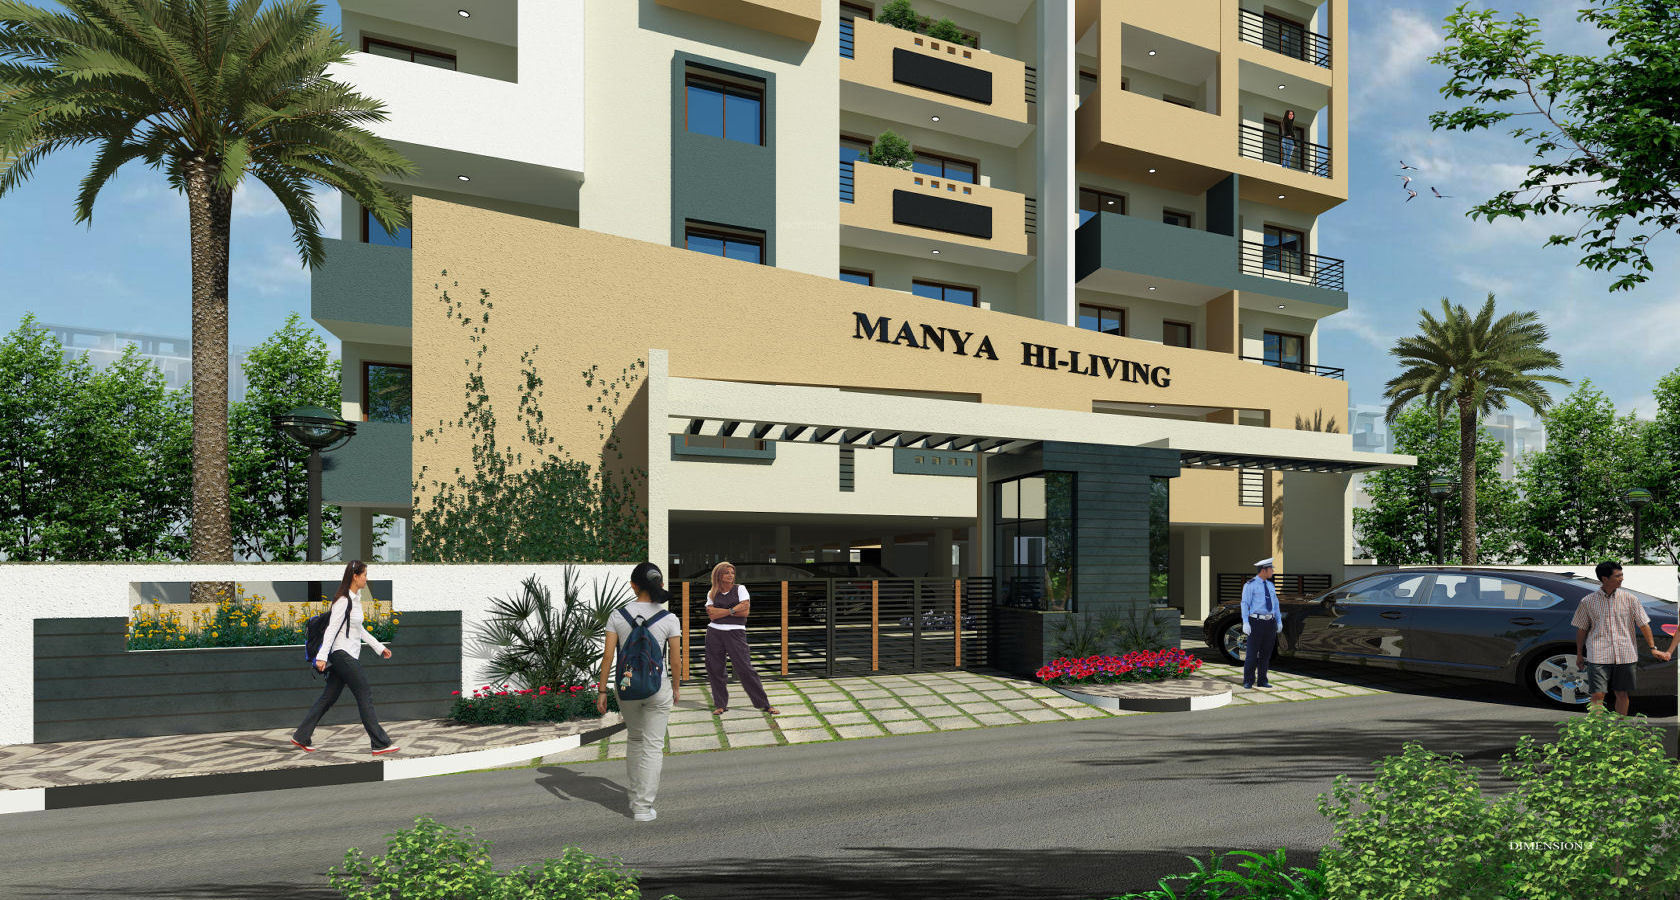 928 sq ft 2 bhk 2t apartment for sale in manya hi living. Black Bedroom Furniture Sets. Home Design Ideas